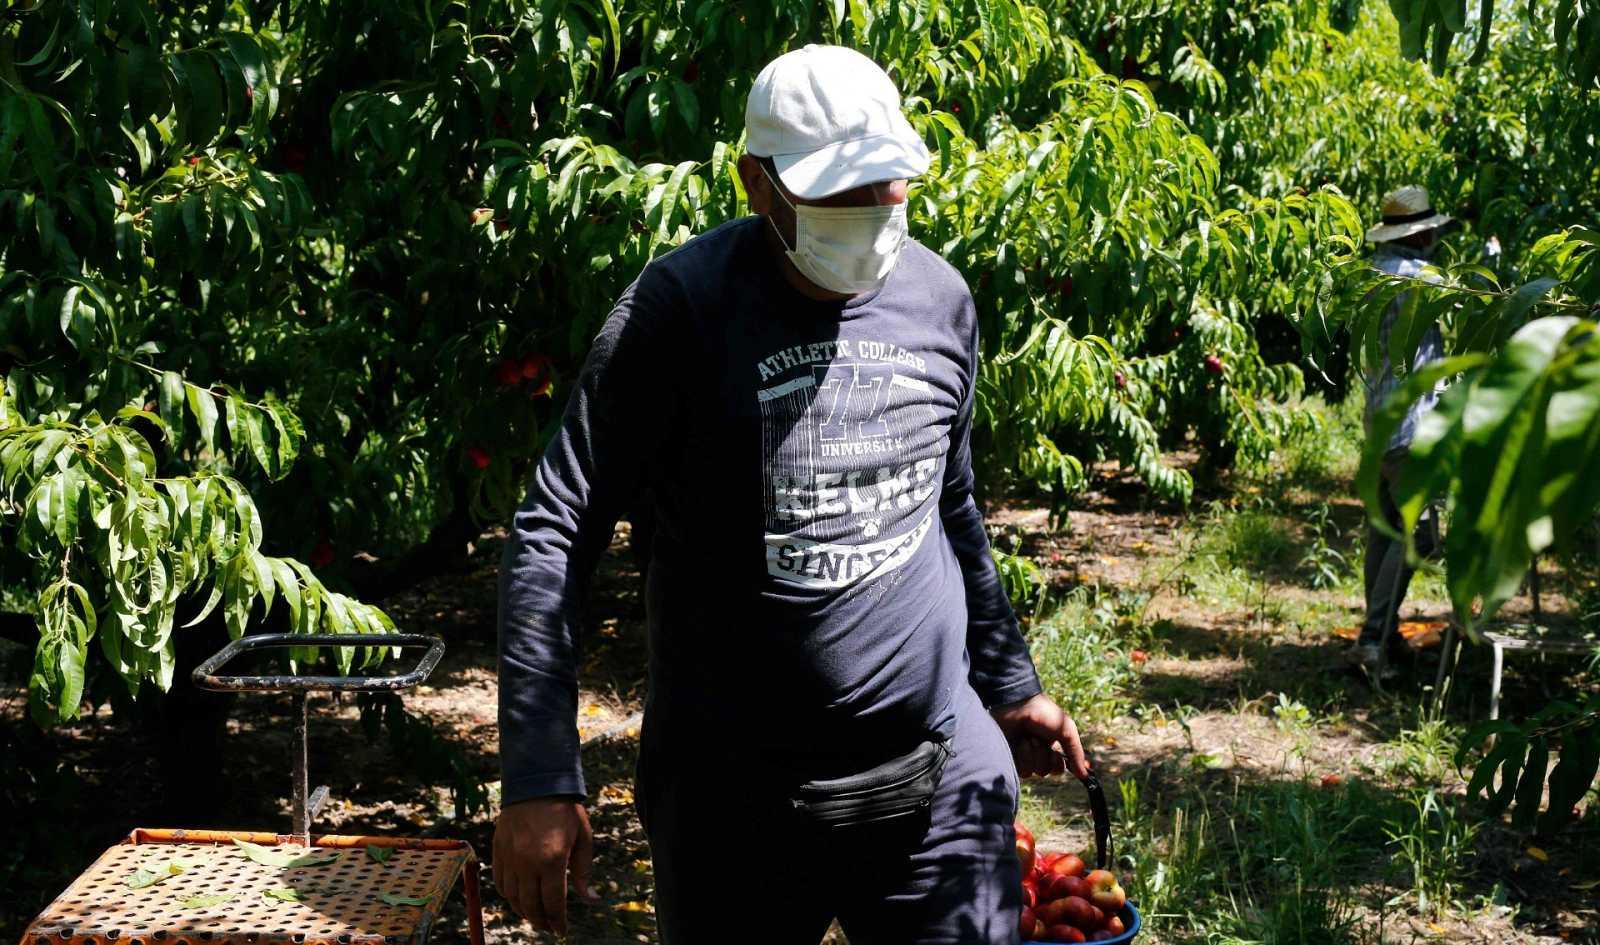 Un temporero recolecta frutas en Fraga el 25 de junio